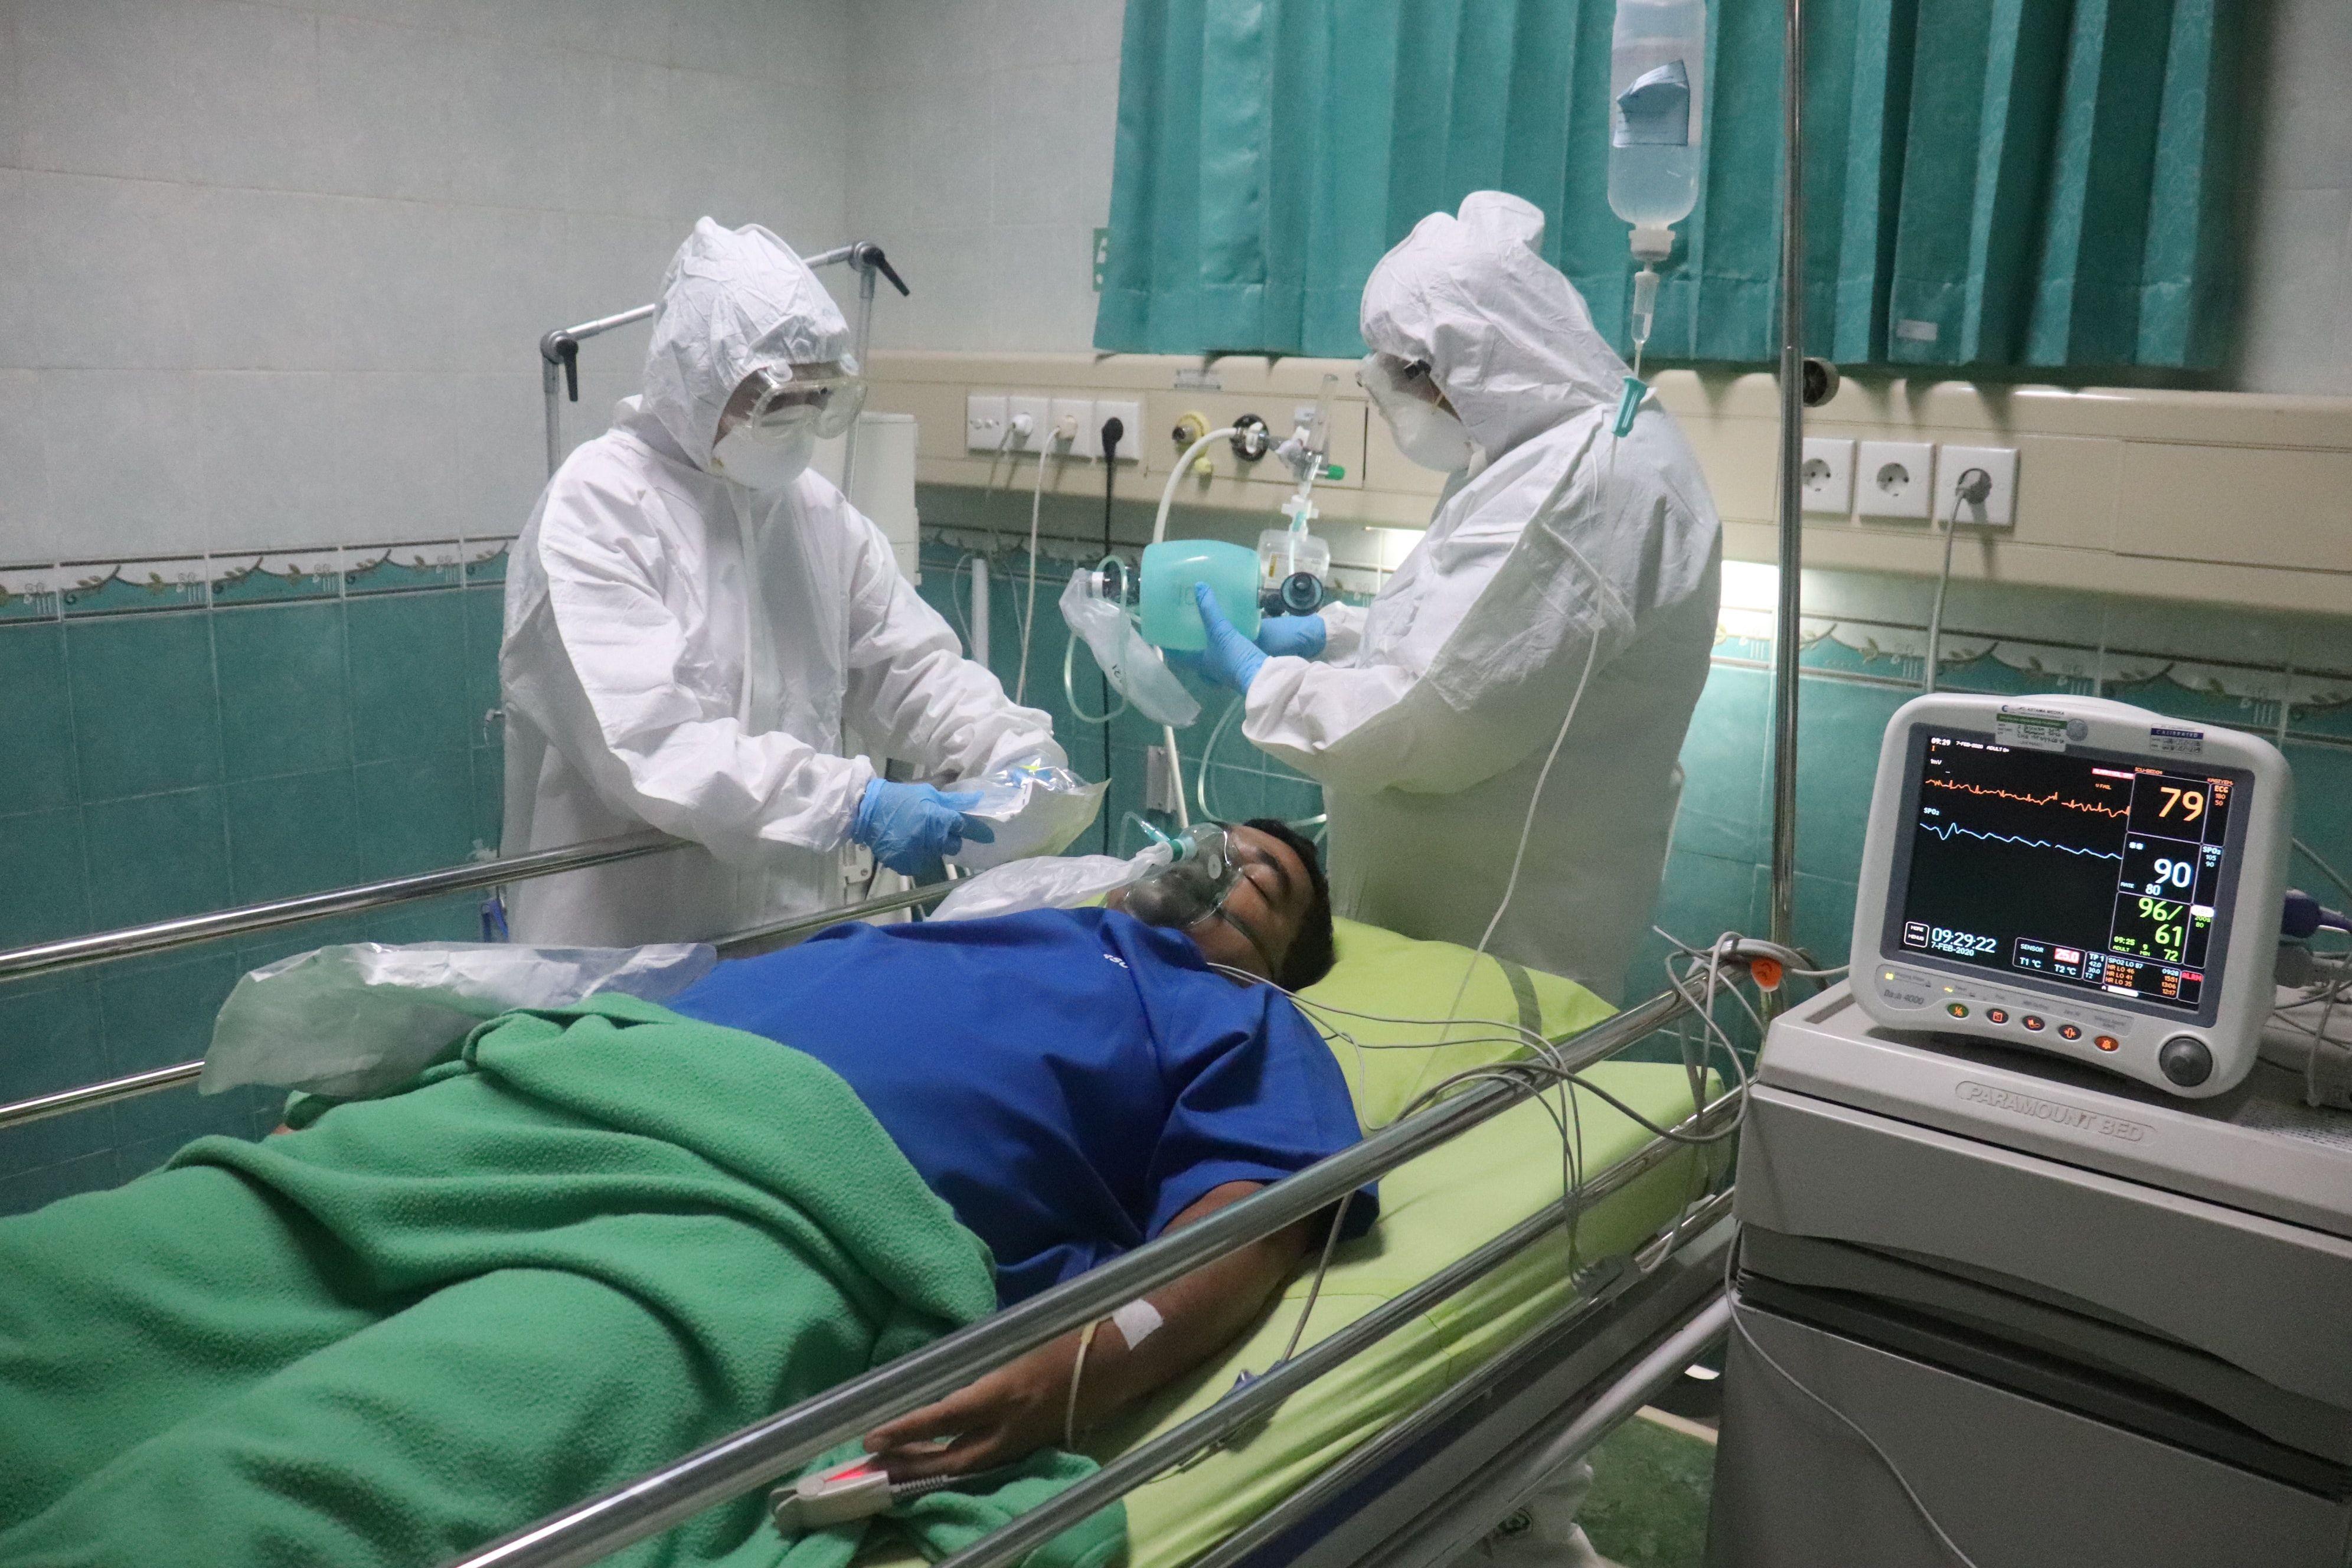 بیمار مبتلا به کووید روی تخت بیمارستان است و دو نفر از کادر درمان کنارش هستند